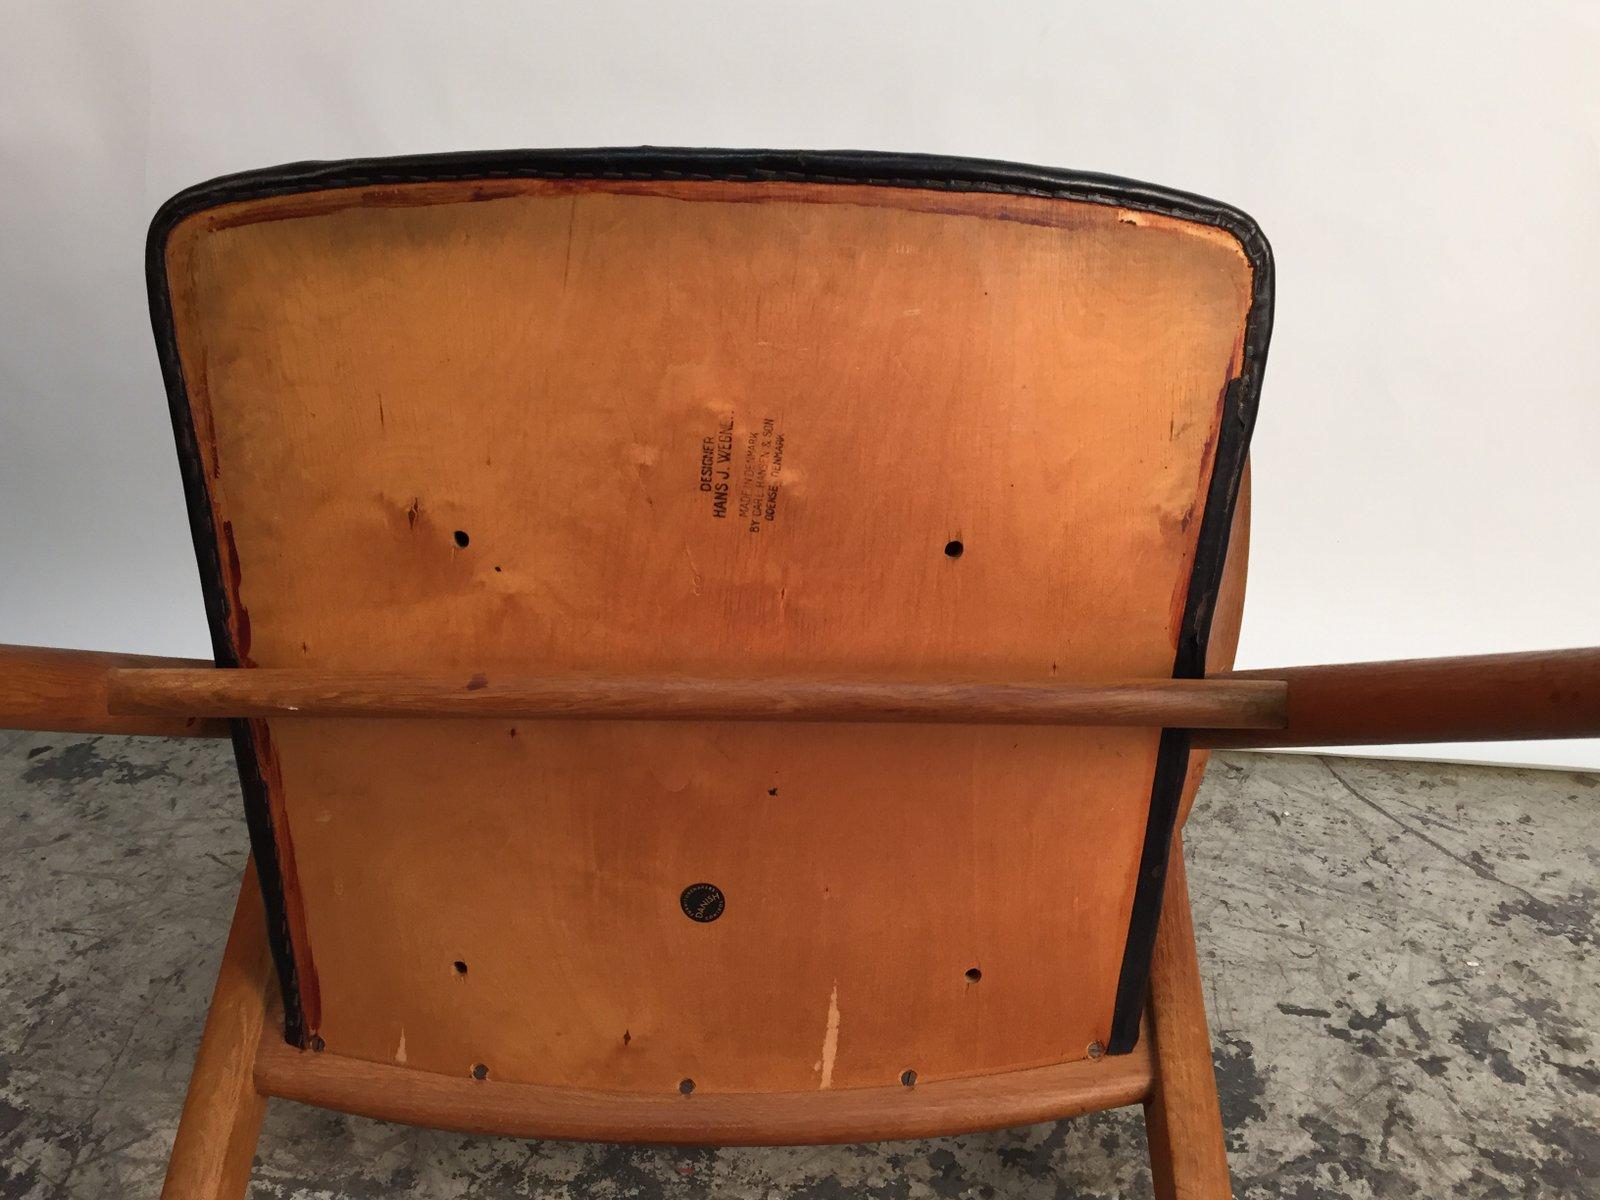 d nischer ch28 s gebock stuhl von hans j wegner f r carl hansen son 1950er bei pamono kaufen. Black Bedroom Furniture Sets. Home Design Ideas